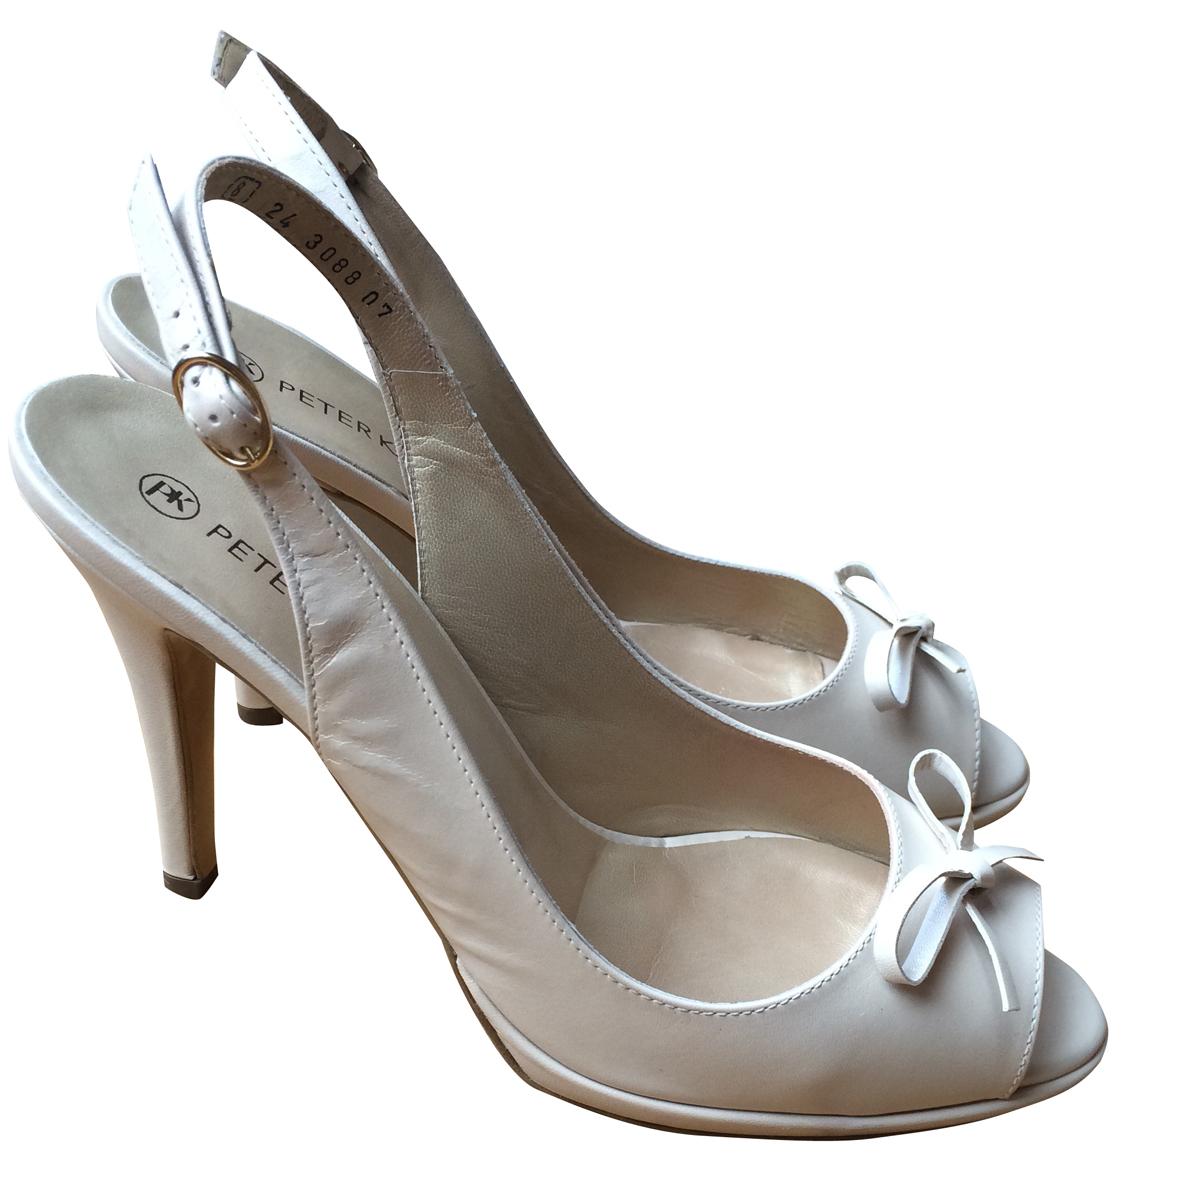 huge selection of 45dbe 75bd2 Peter Kaiser Cream Peep Toe Heels